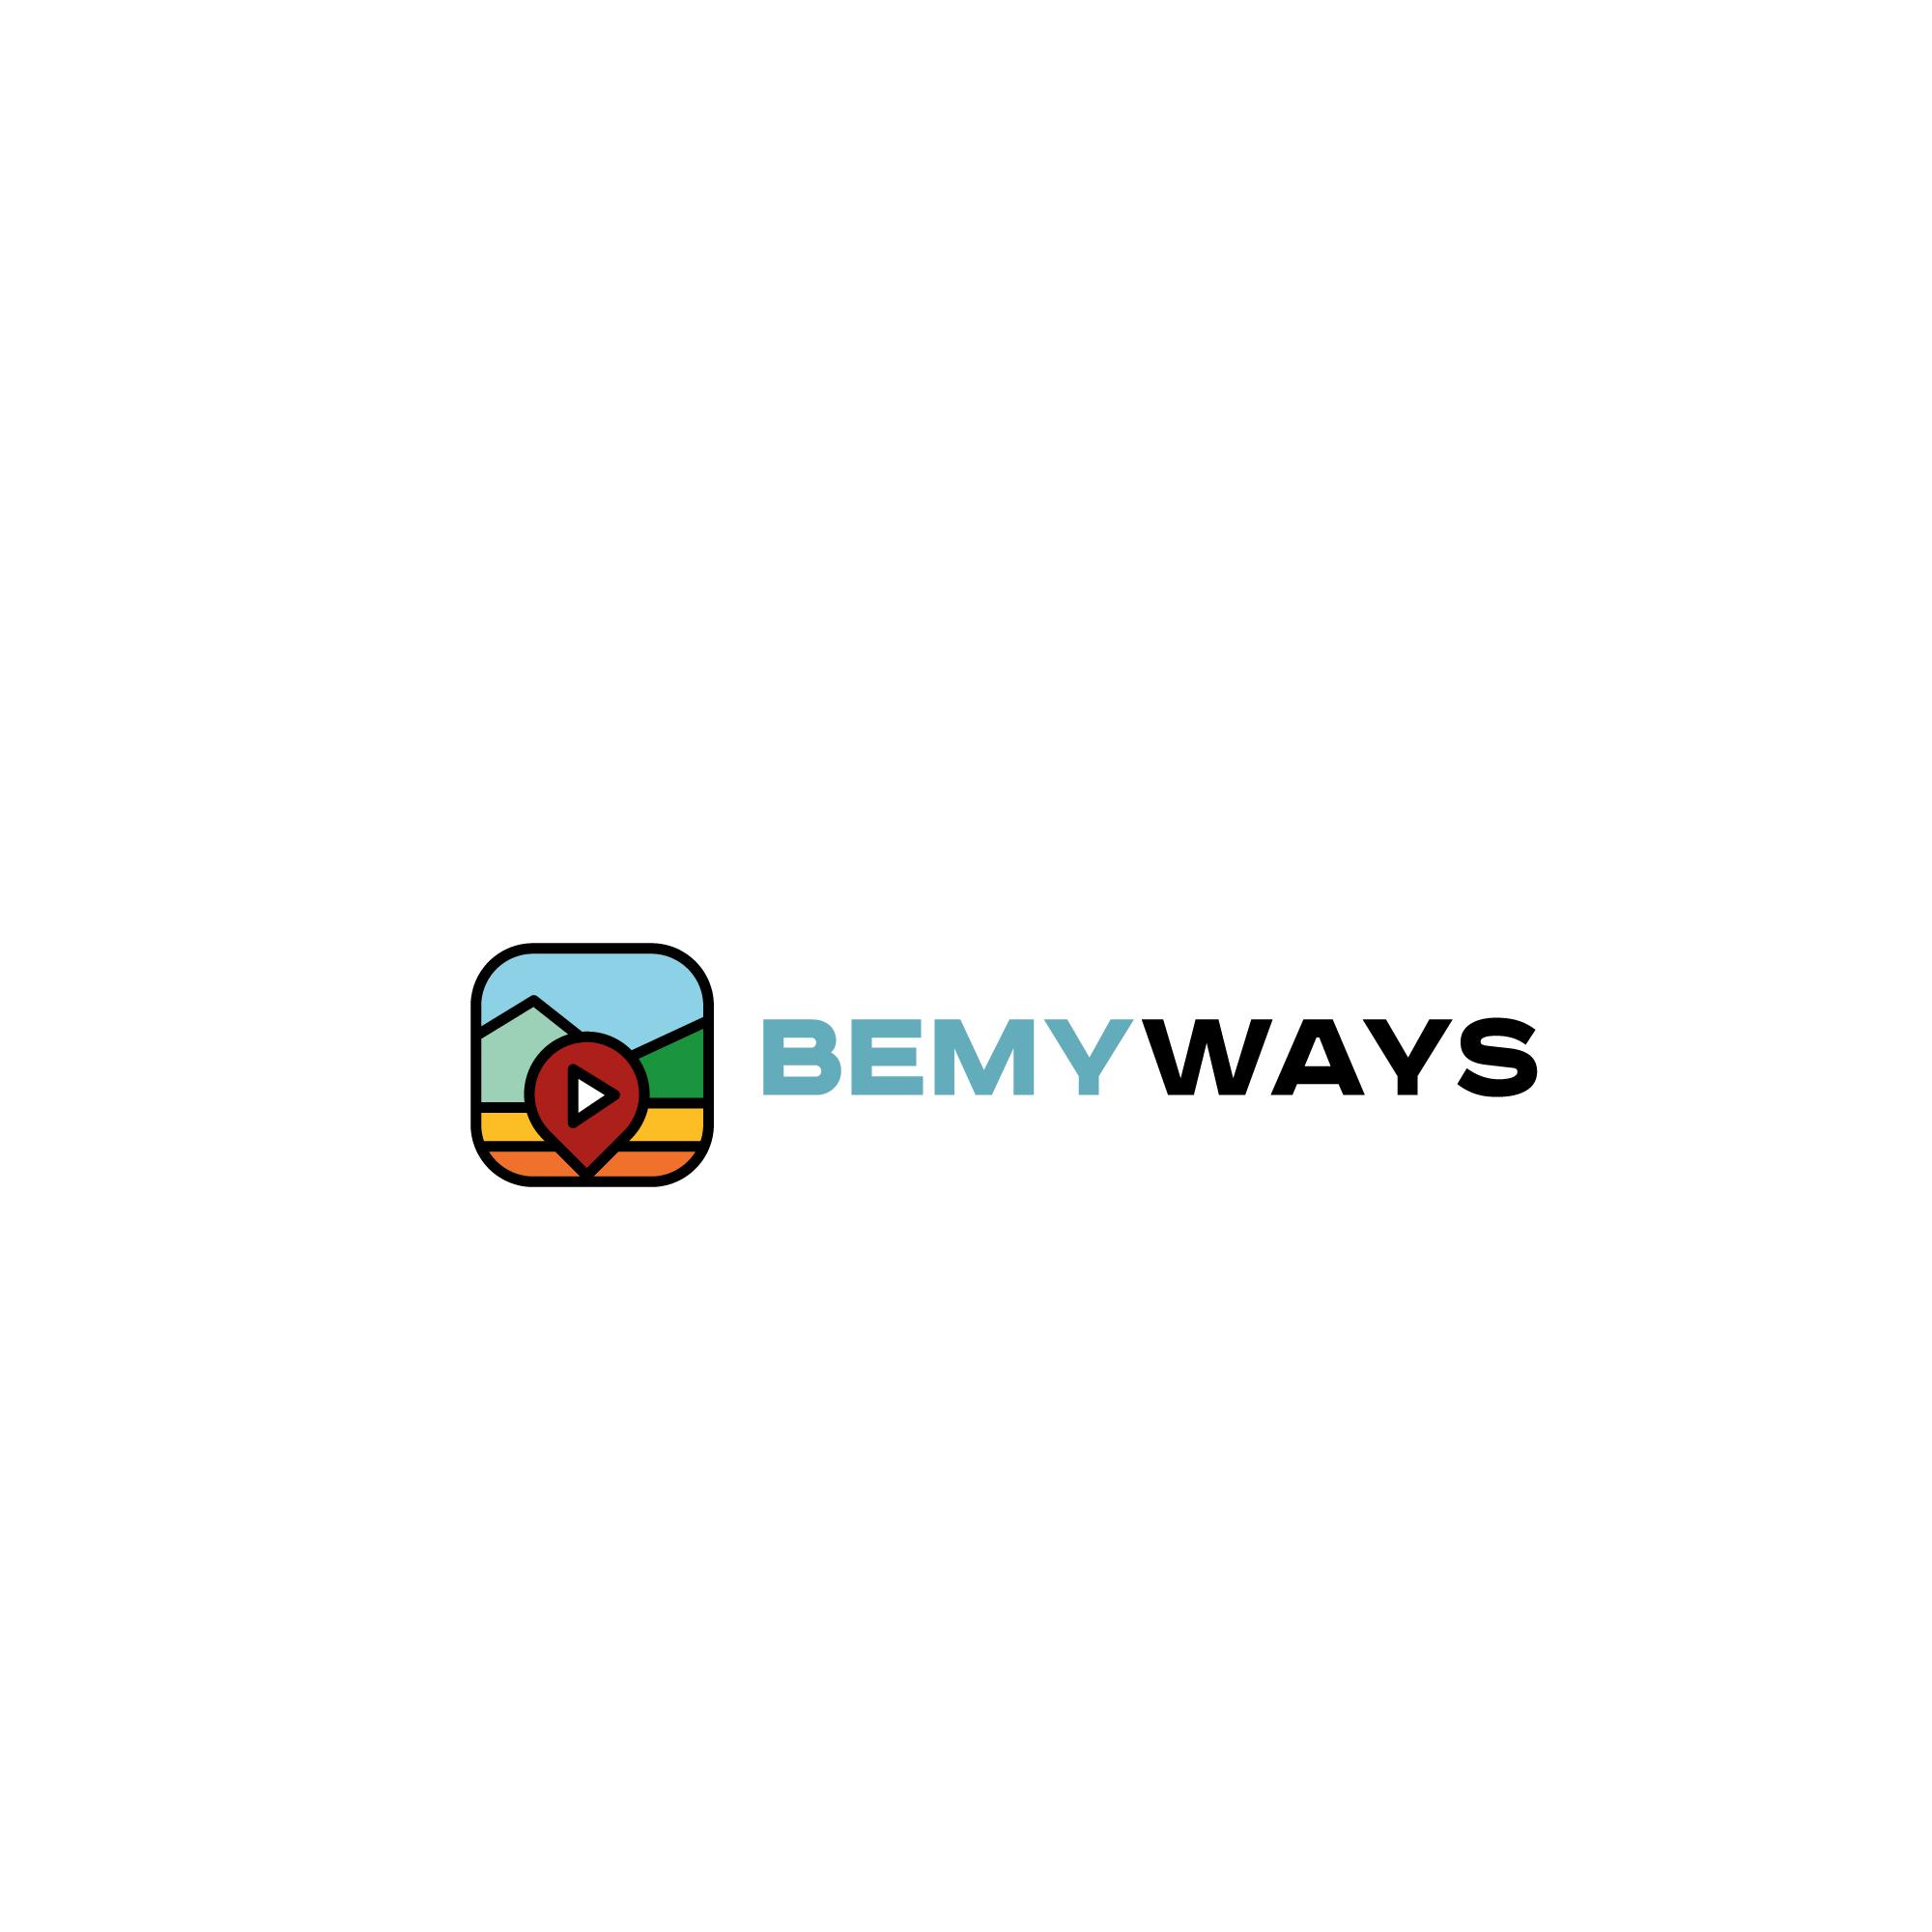 Разработка логотипа и иконки для Travel Video Platform фото f_8925c36597871498.jpg